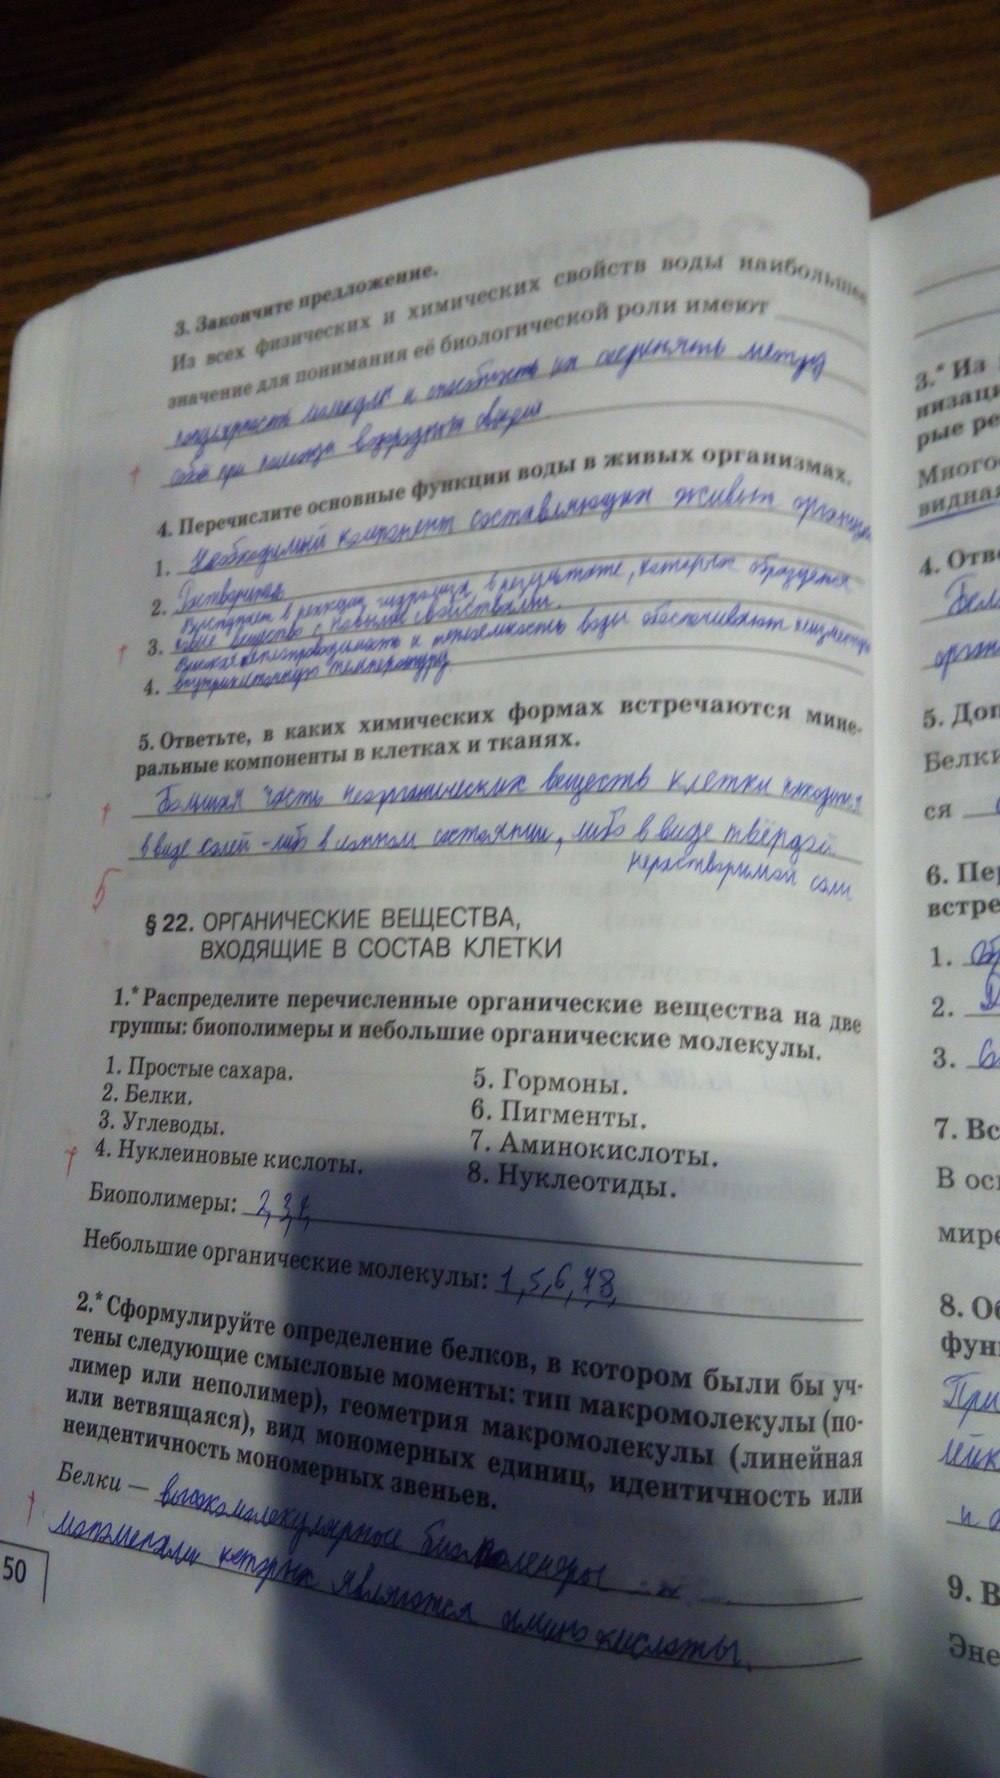 Гдз По Биологии 9 Класс Тетрадь Мамонтова Захарова